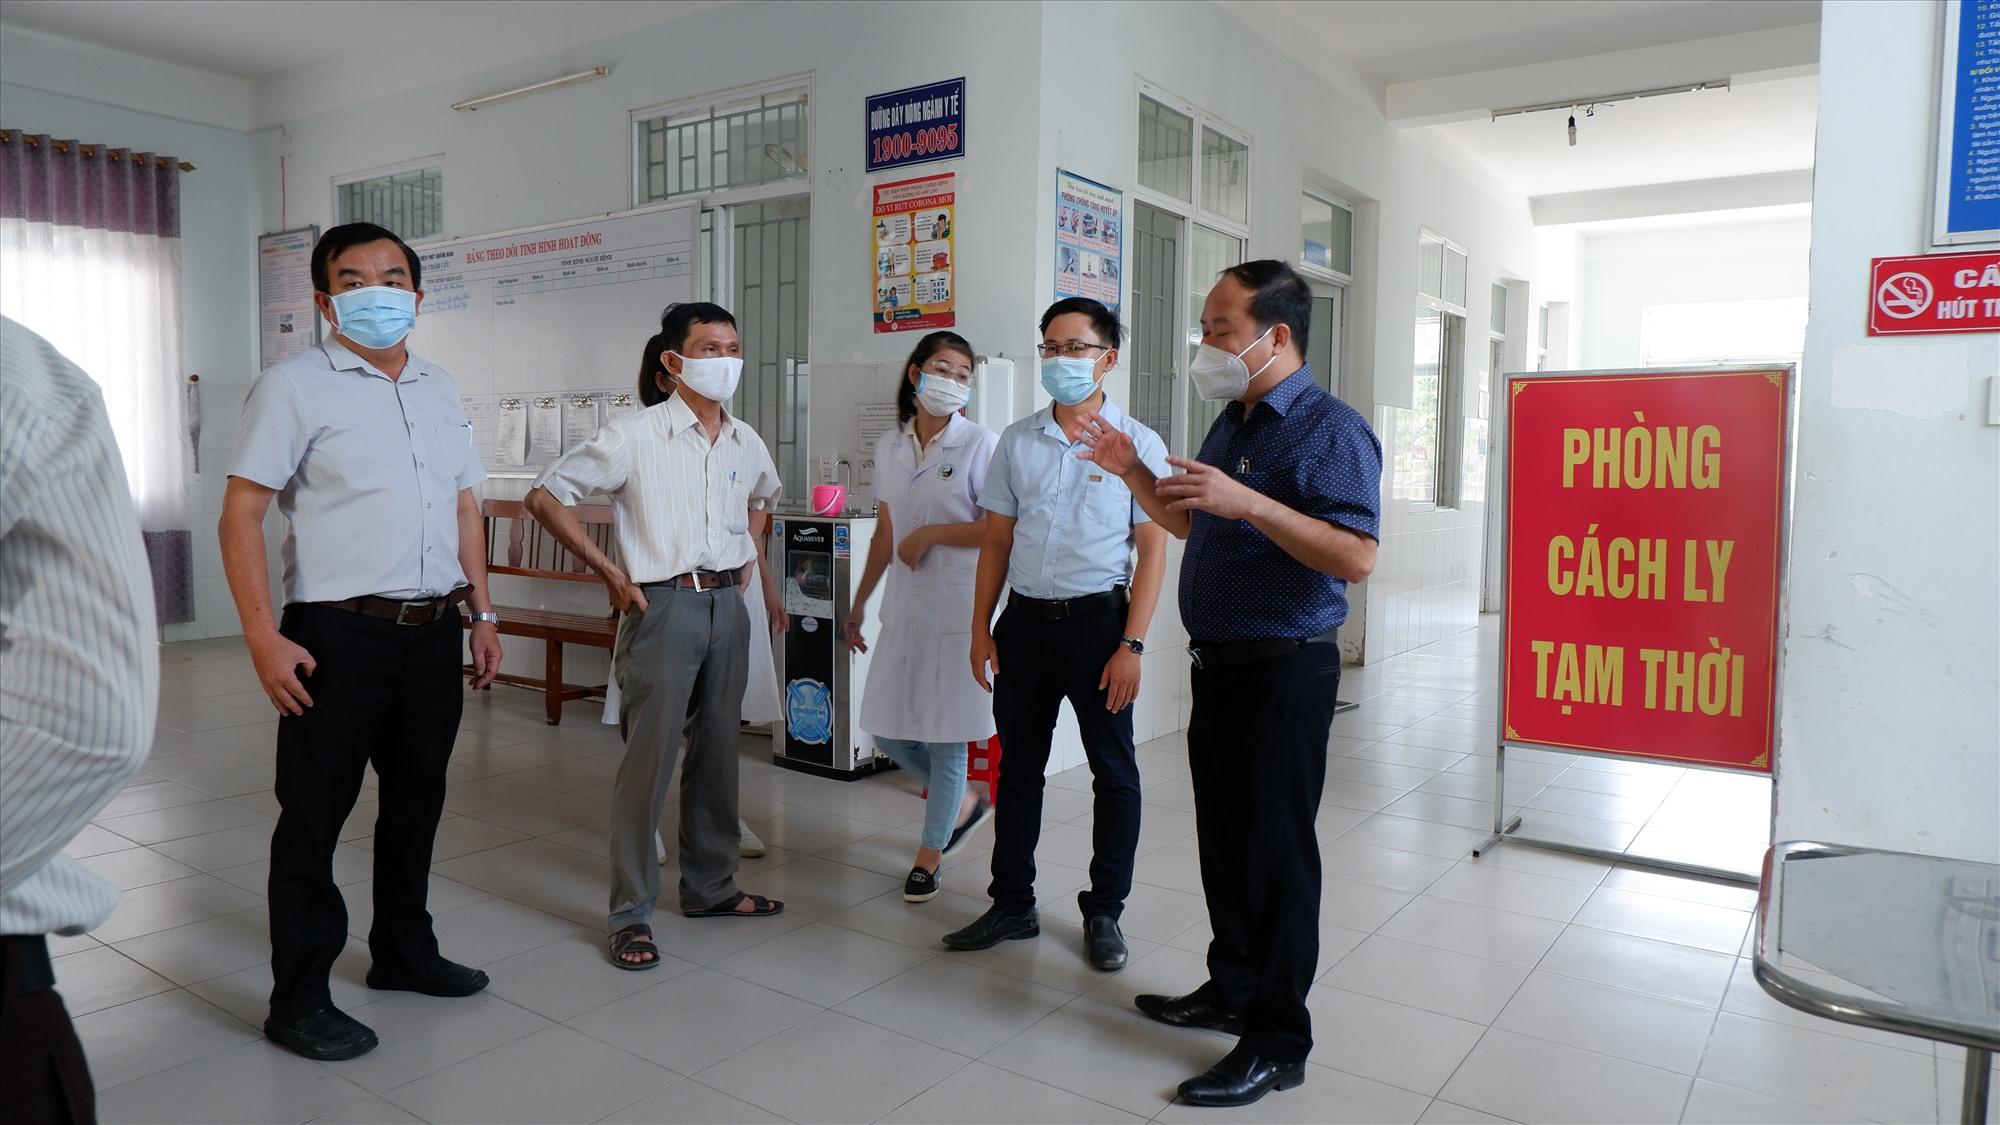 Quảng Nam hiện đã vận hành Bệnh viện dã chiến số 1. Ảnh: X.H